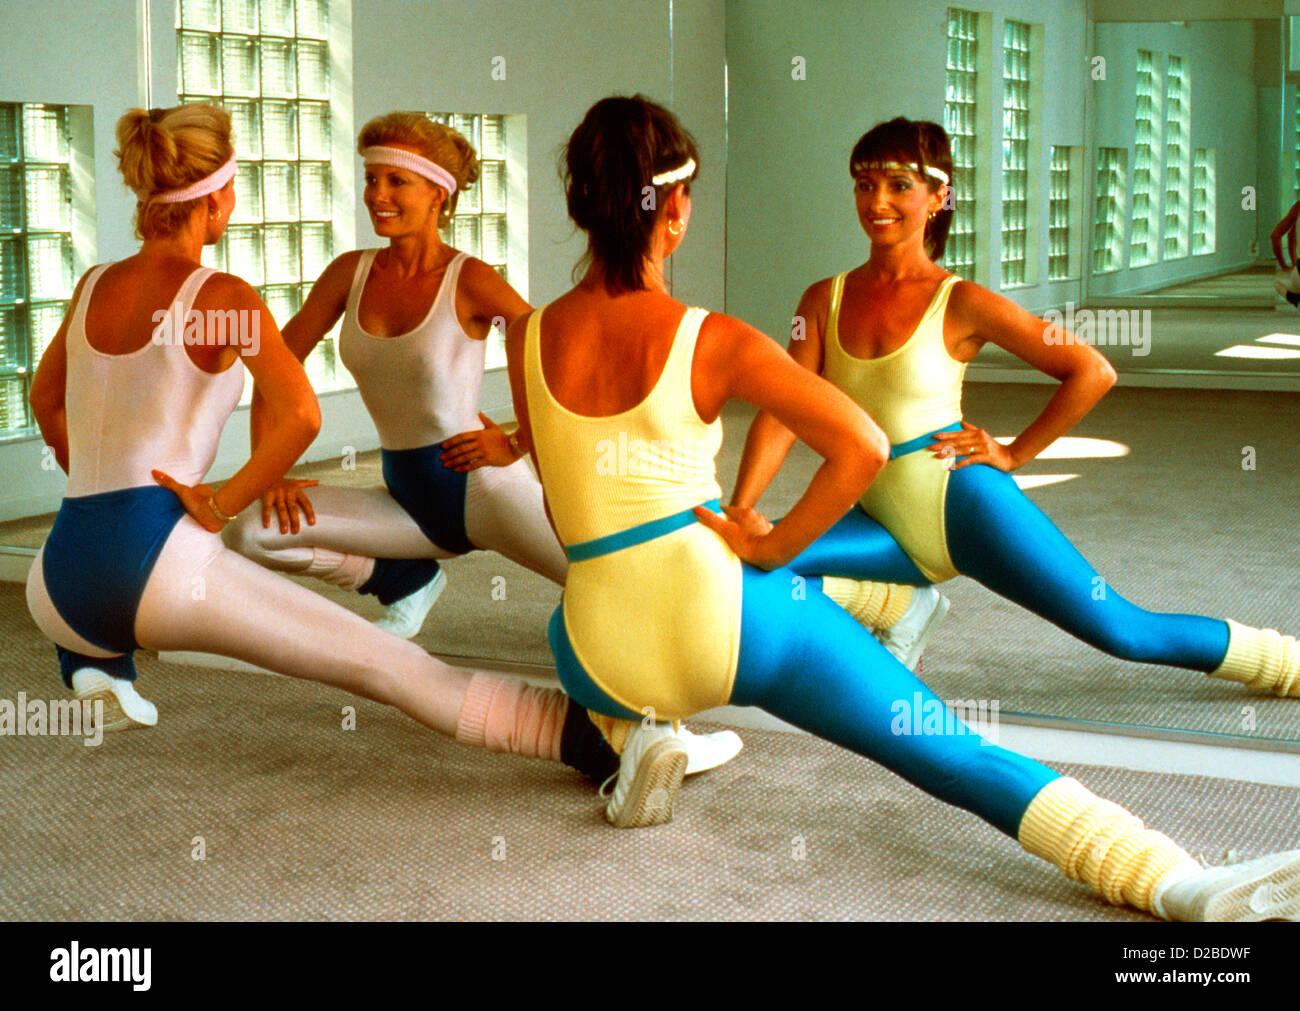 1980 die. zwei Frauen In Trainingskleidung Aerobic. Stockbild